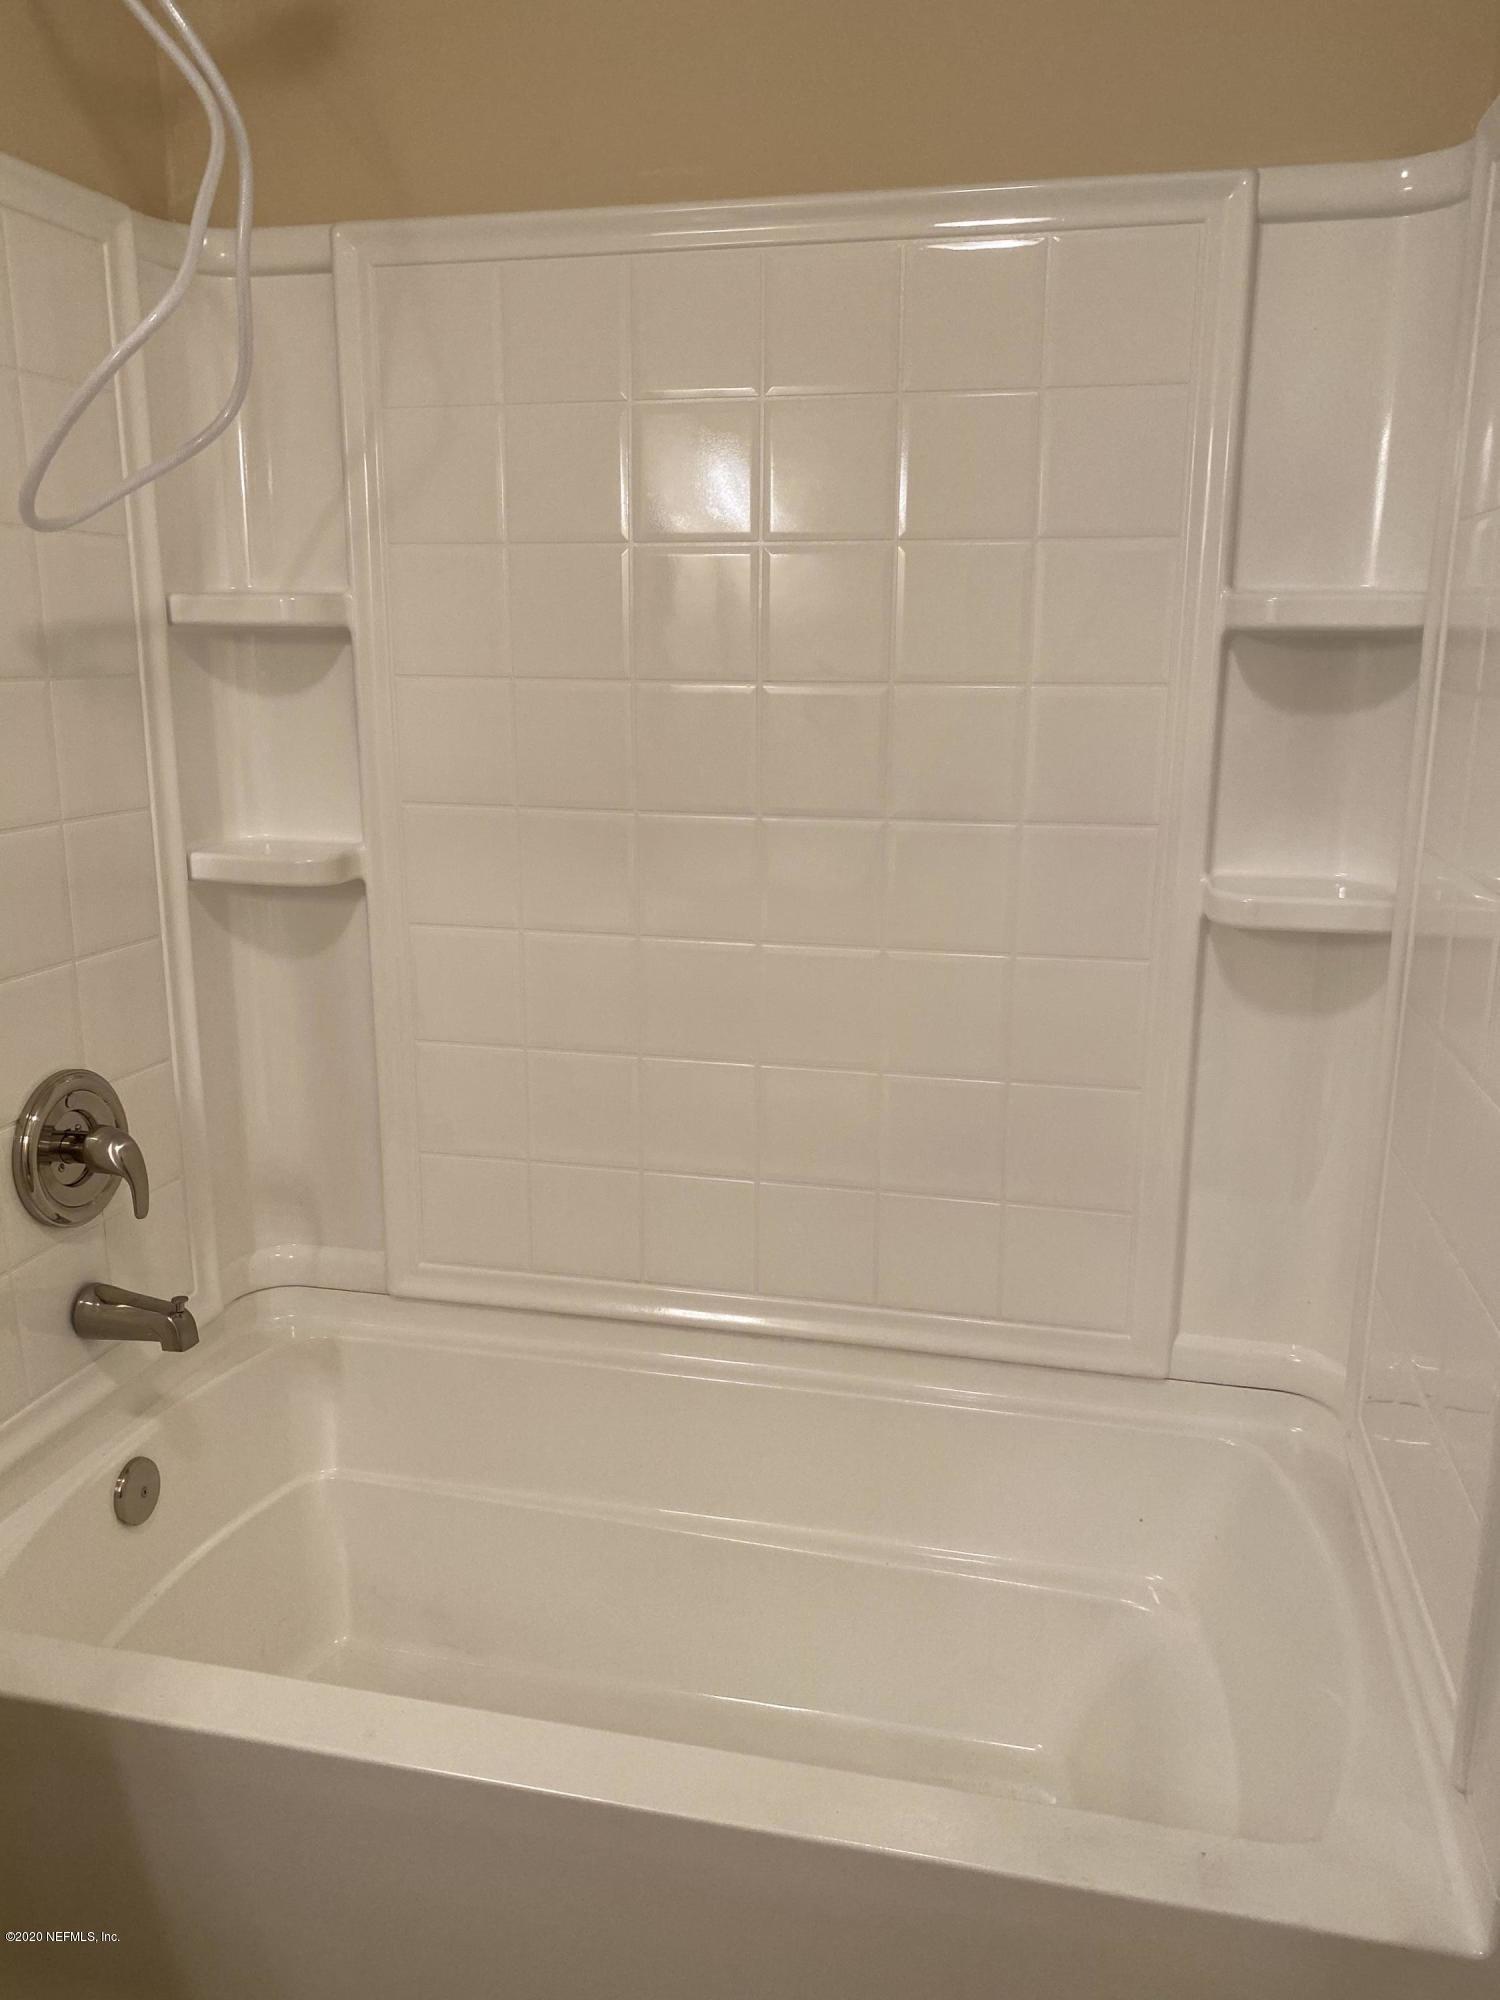 7847 SMART, JACKSONVILLE, FLORIDA 32219, 3 Bedrooms Bedrooms, ,2 BathroomsBathrooms,Rental,For Rent,SMART,1081445